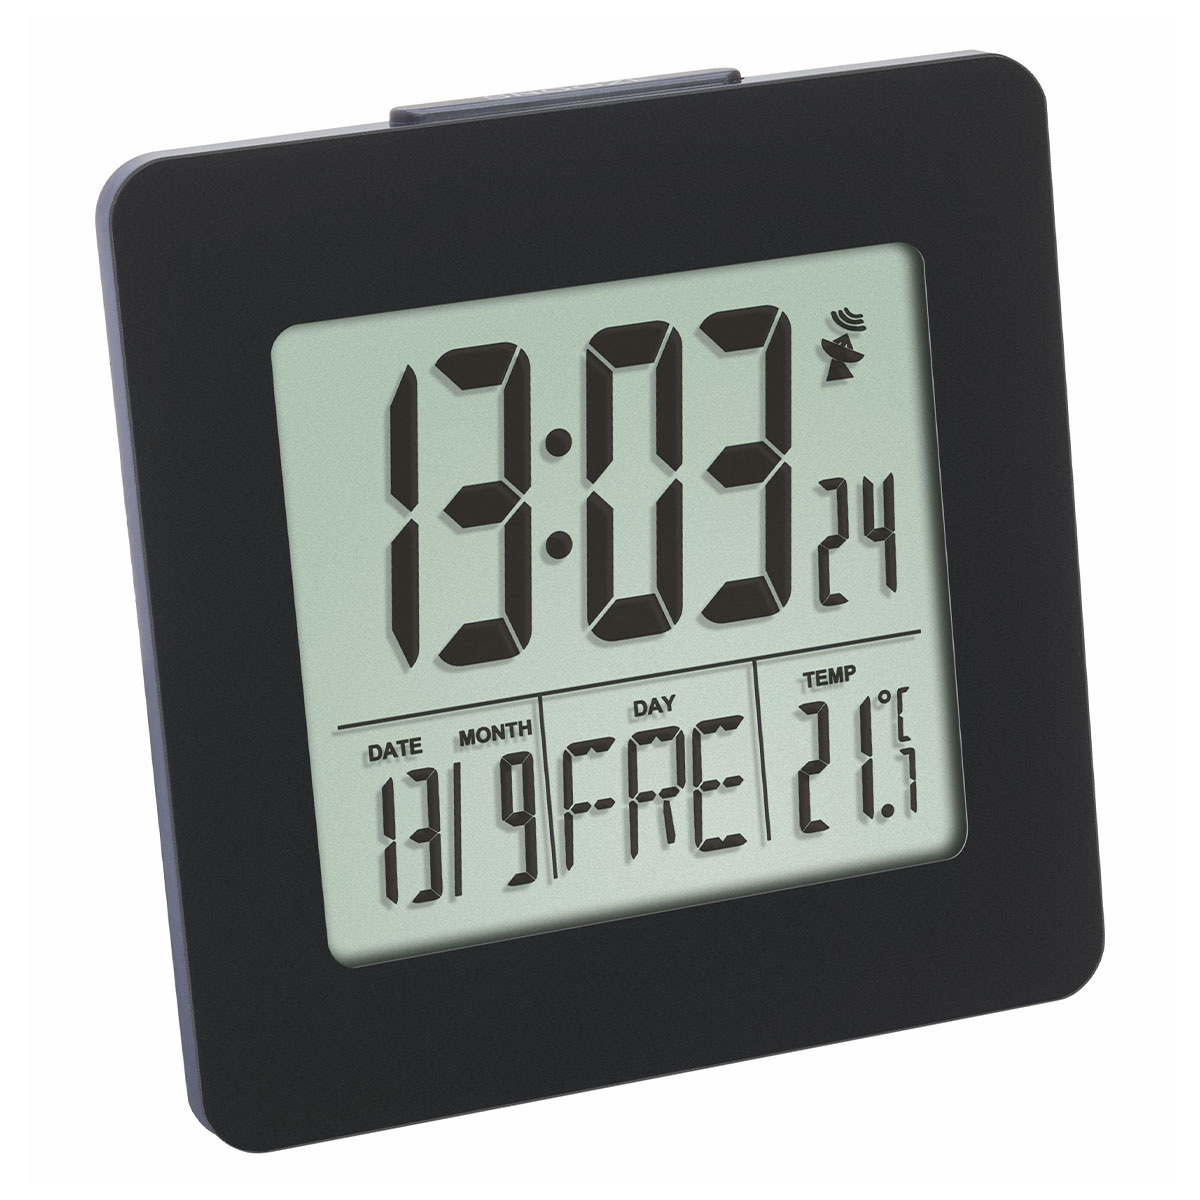 60-2525-01-digitaler-funk-wecker-mit-temperatur-1200x1200px.jpg